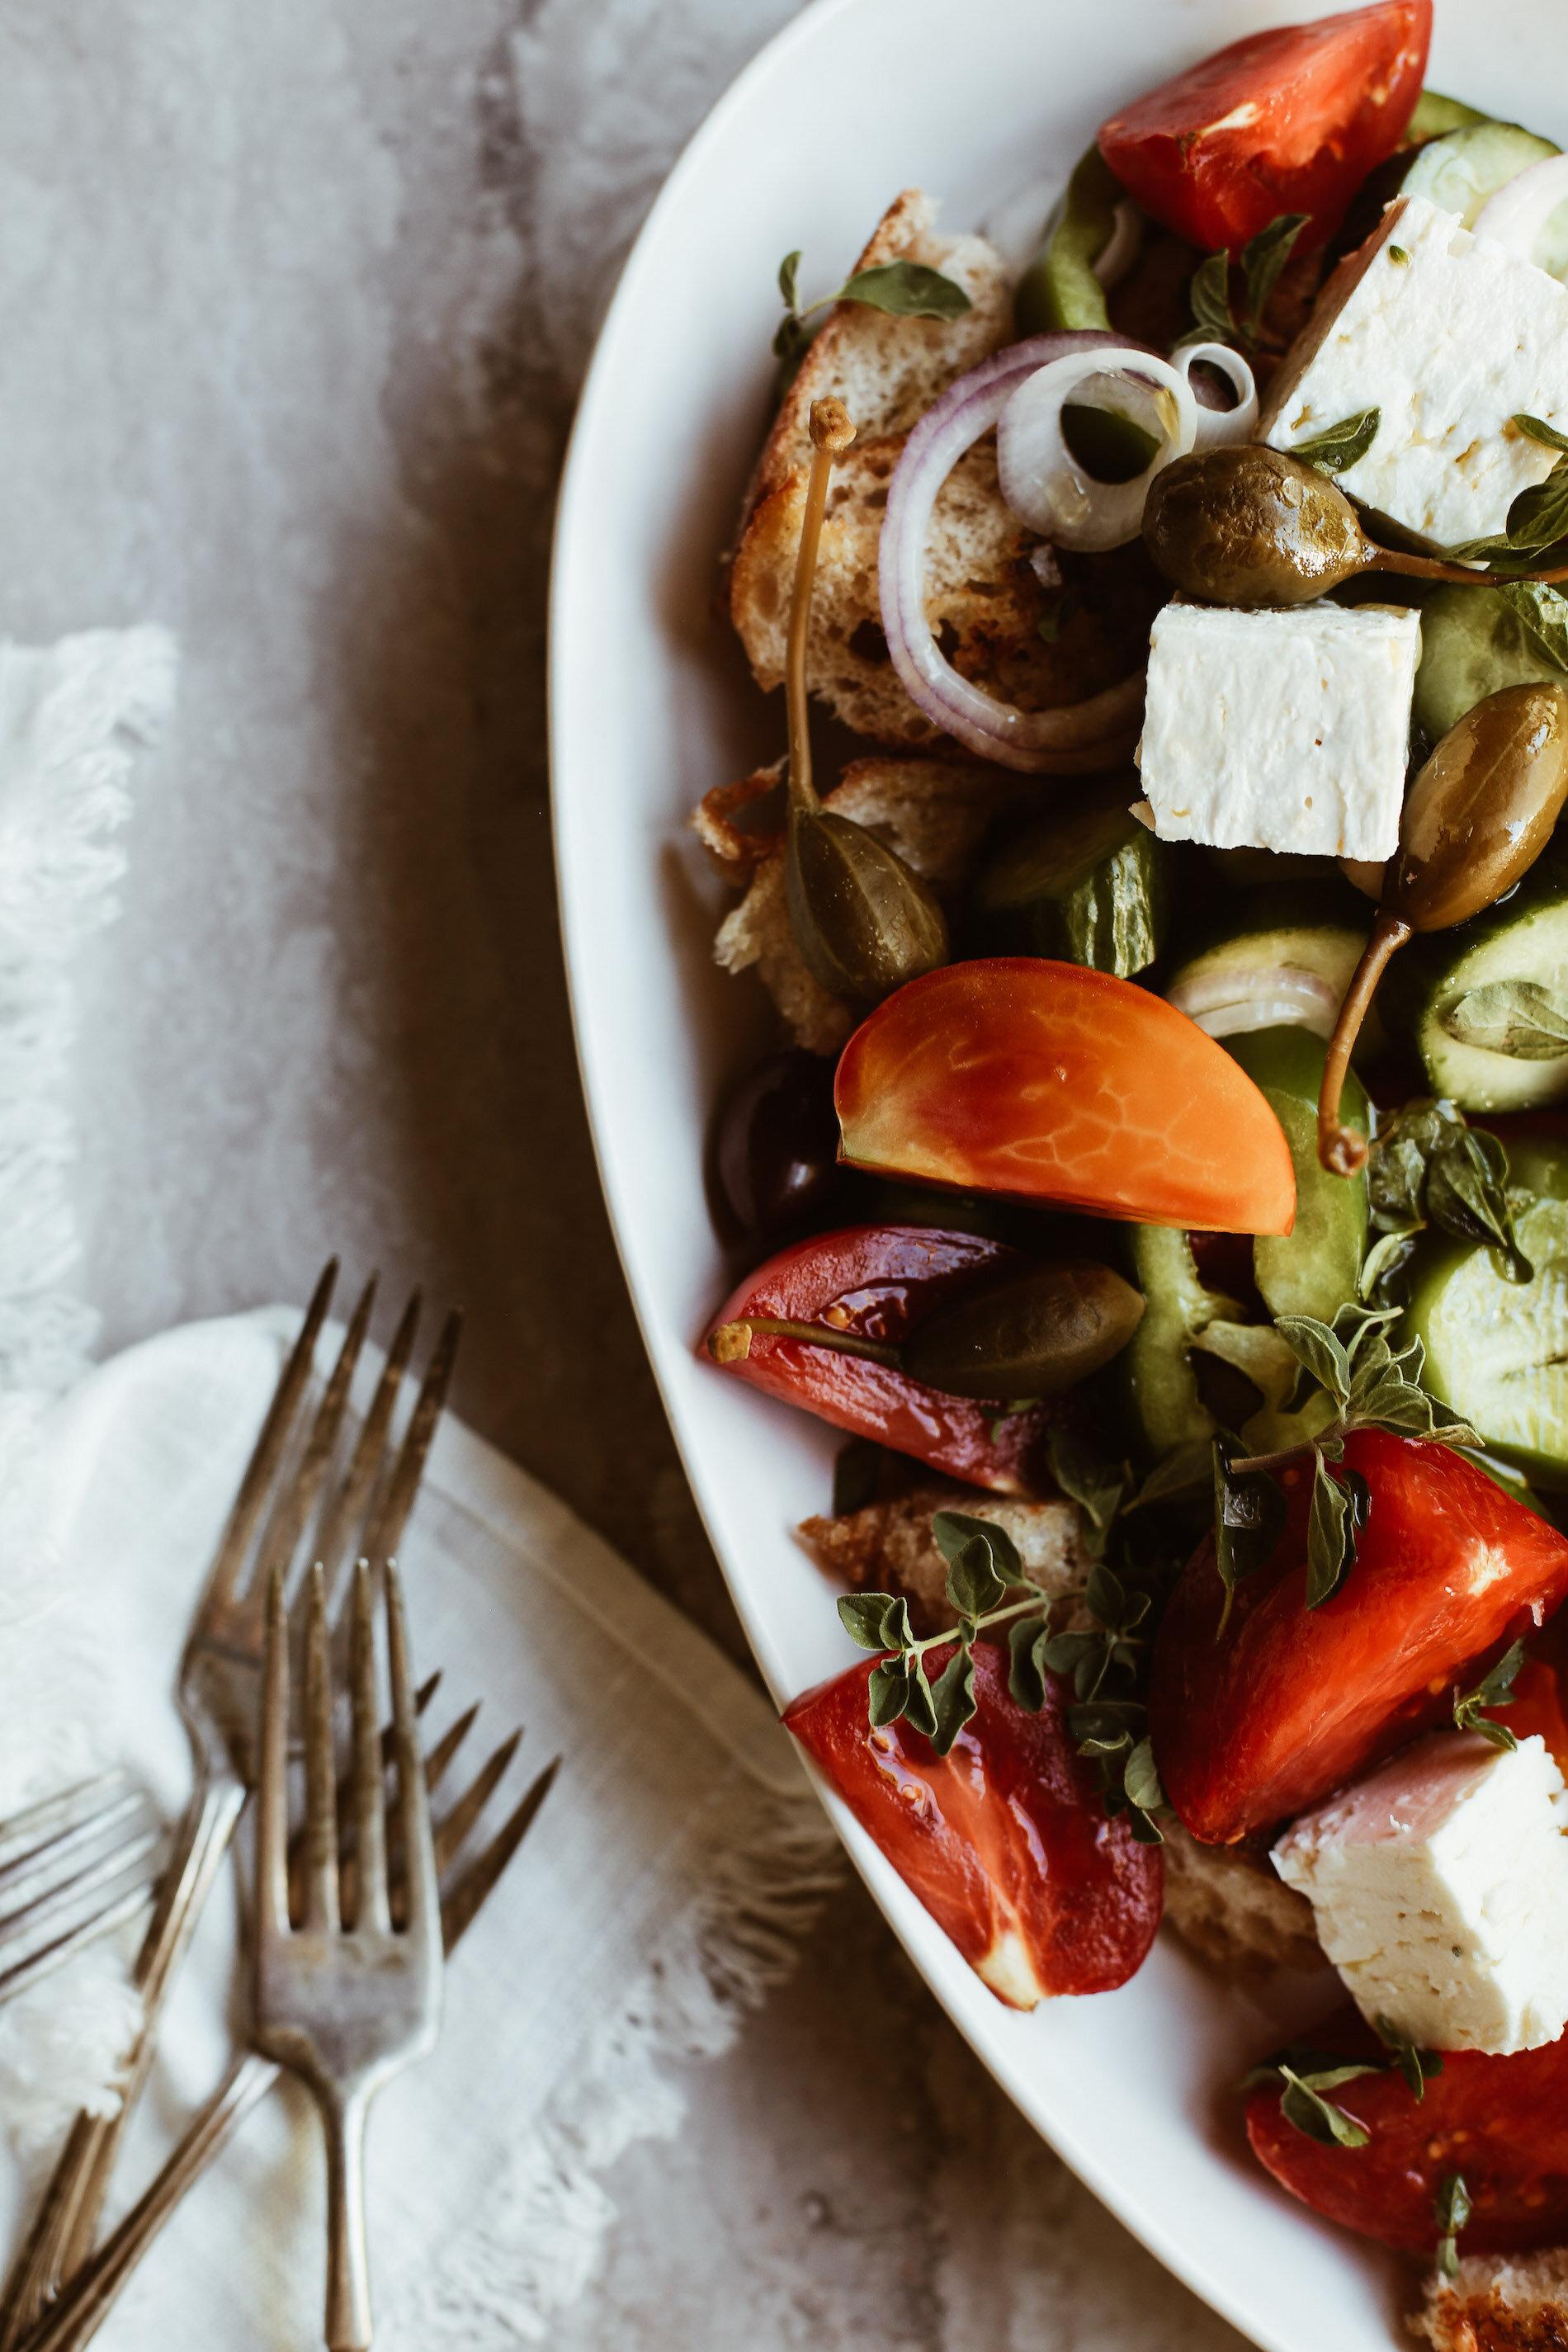 greek salad ingredients